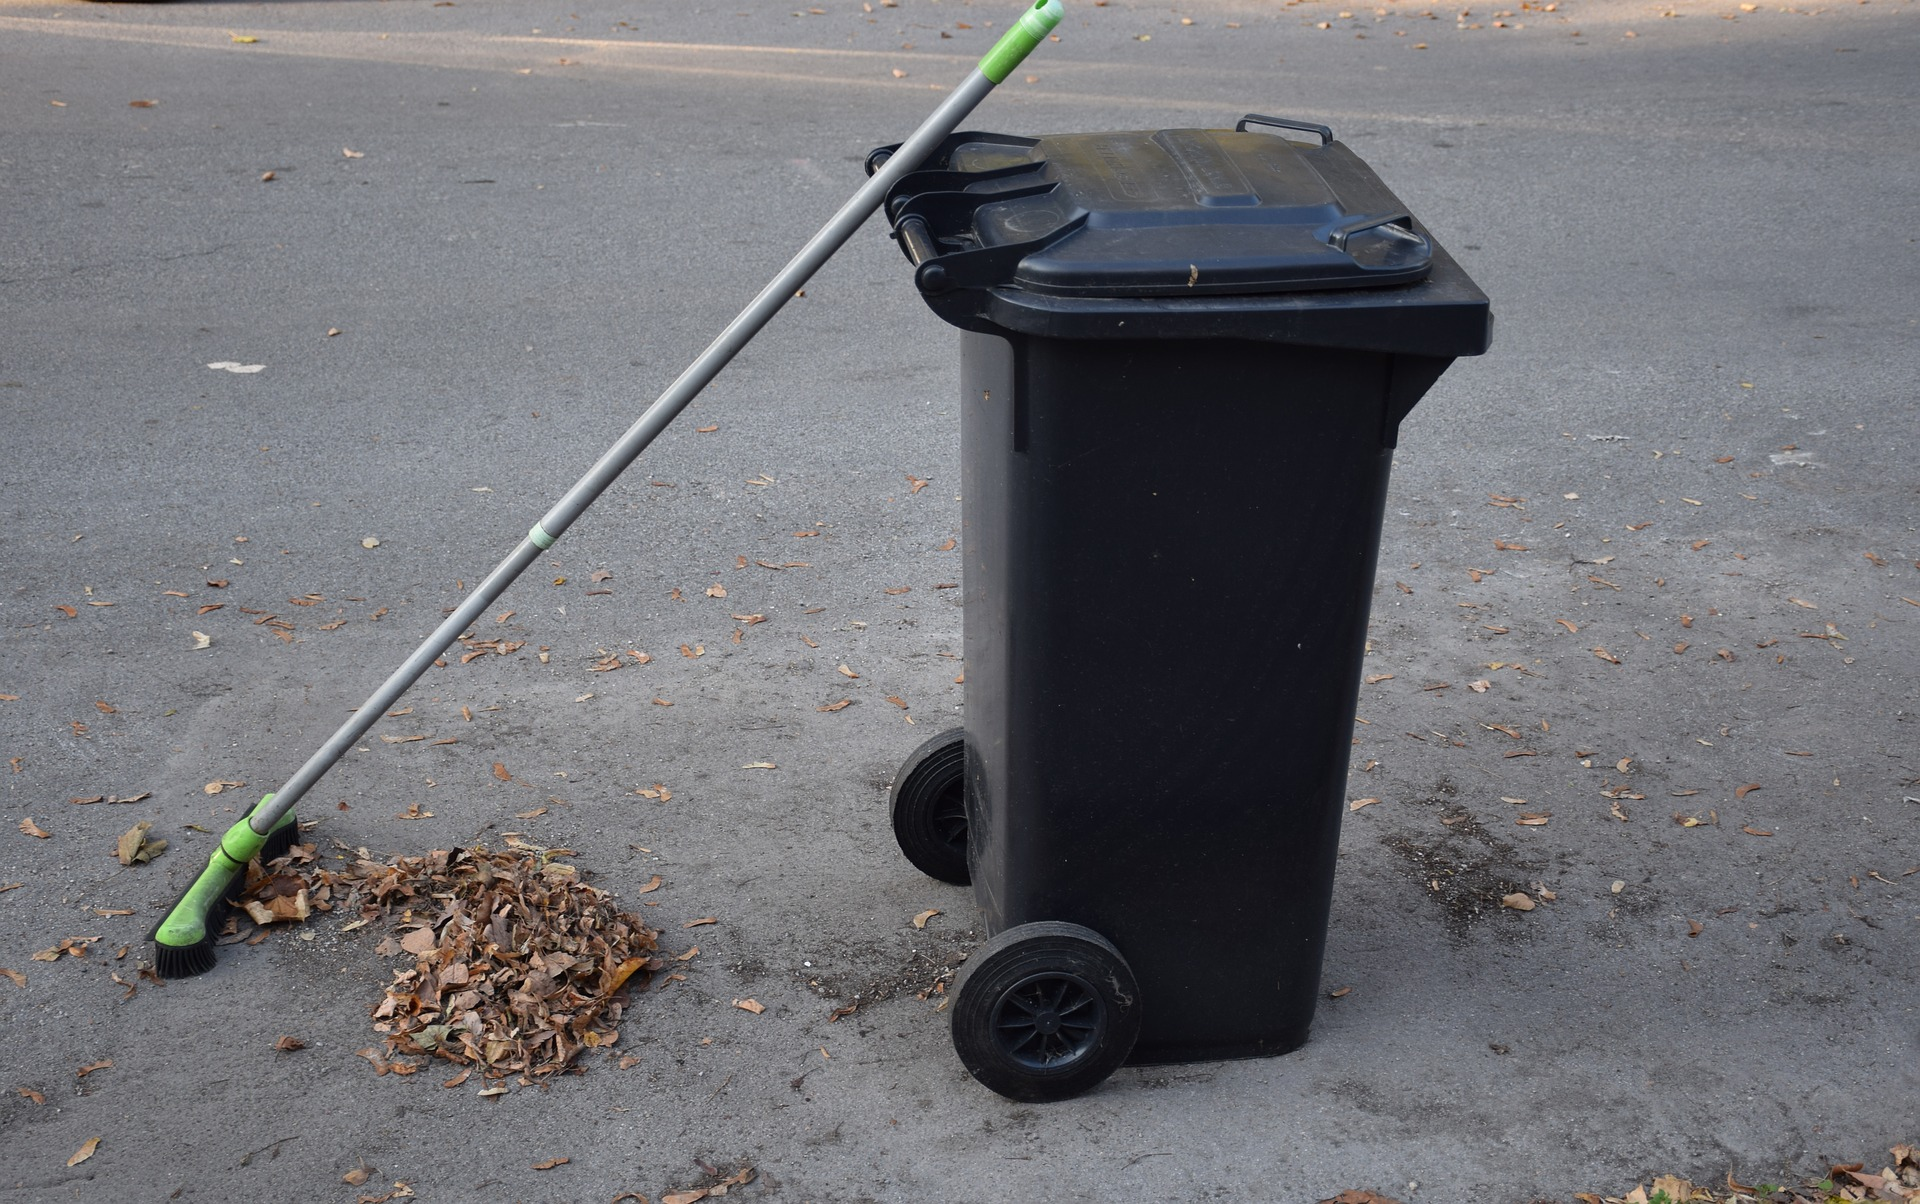 Zustimmung zur Erhöhung der Müllgebühren – aber mit Bauchschmerzen